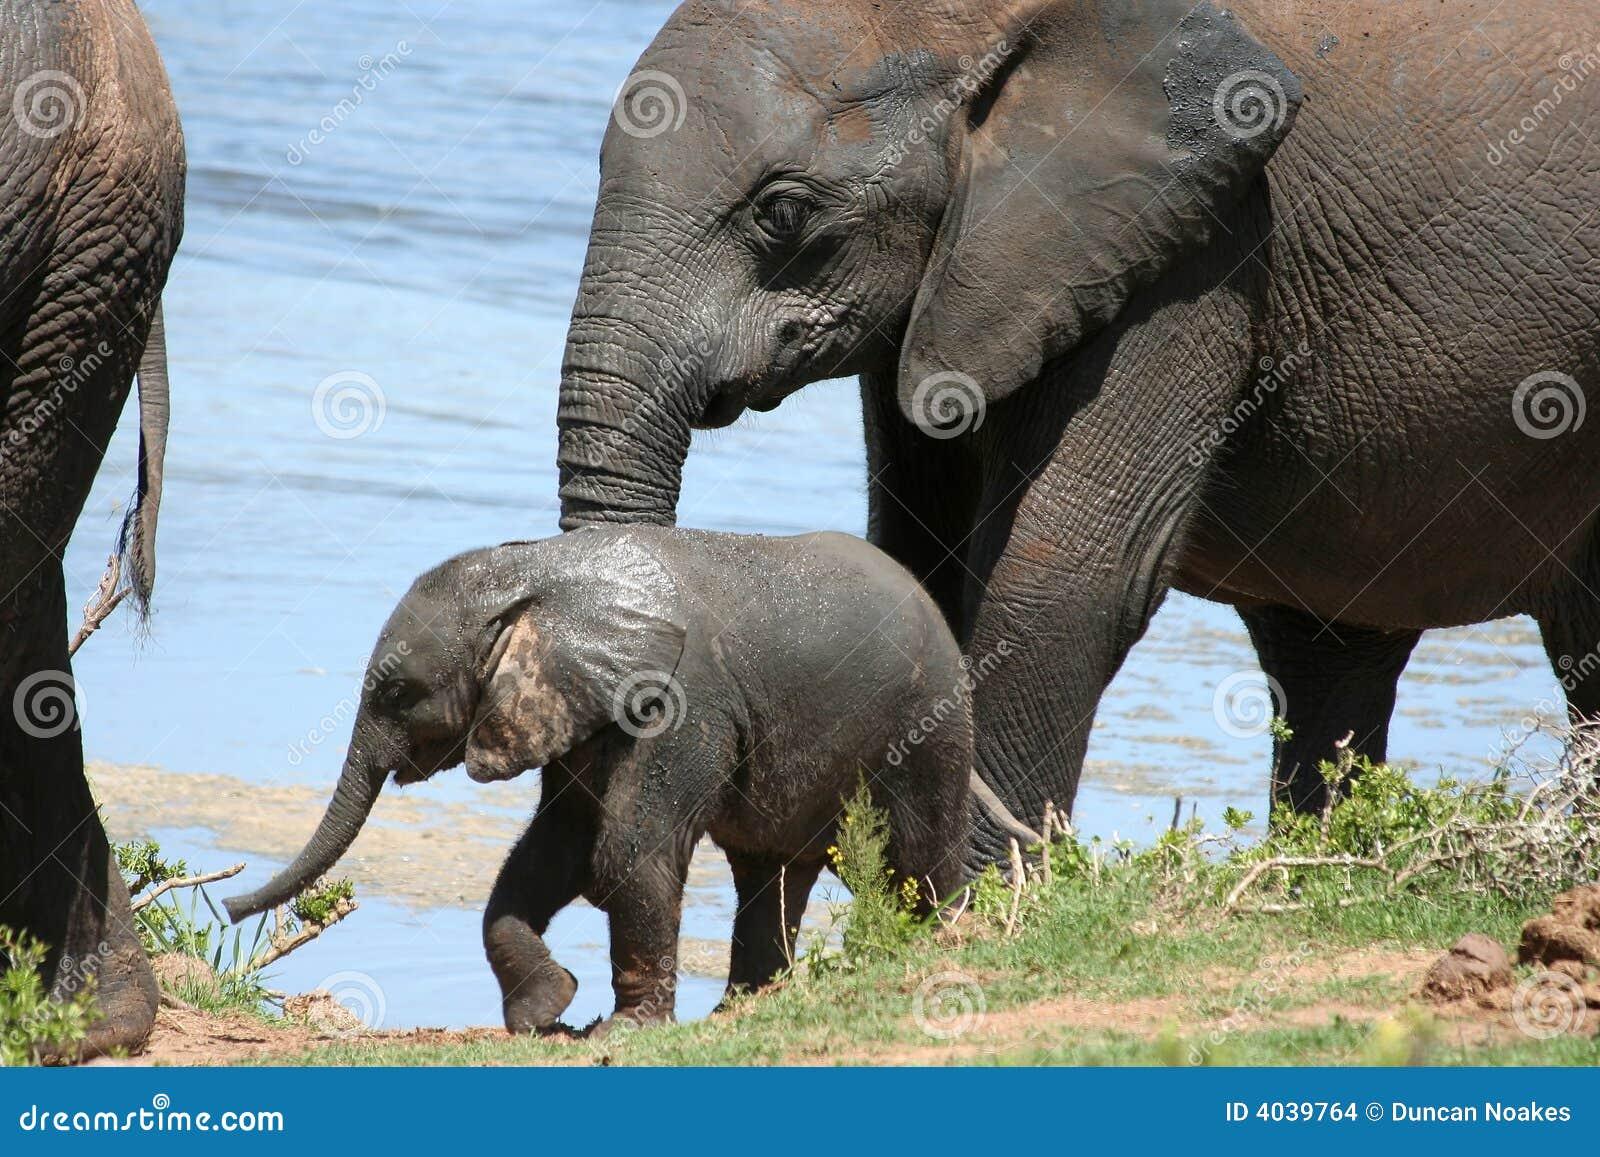 Baby Elephant at water stock photo. Image of elephant ...